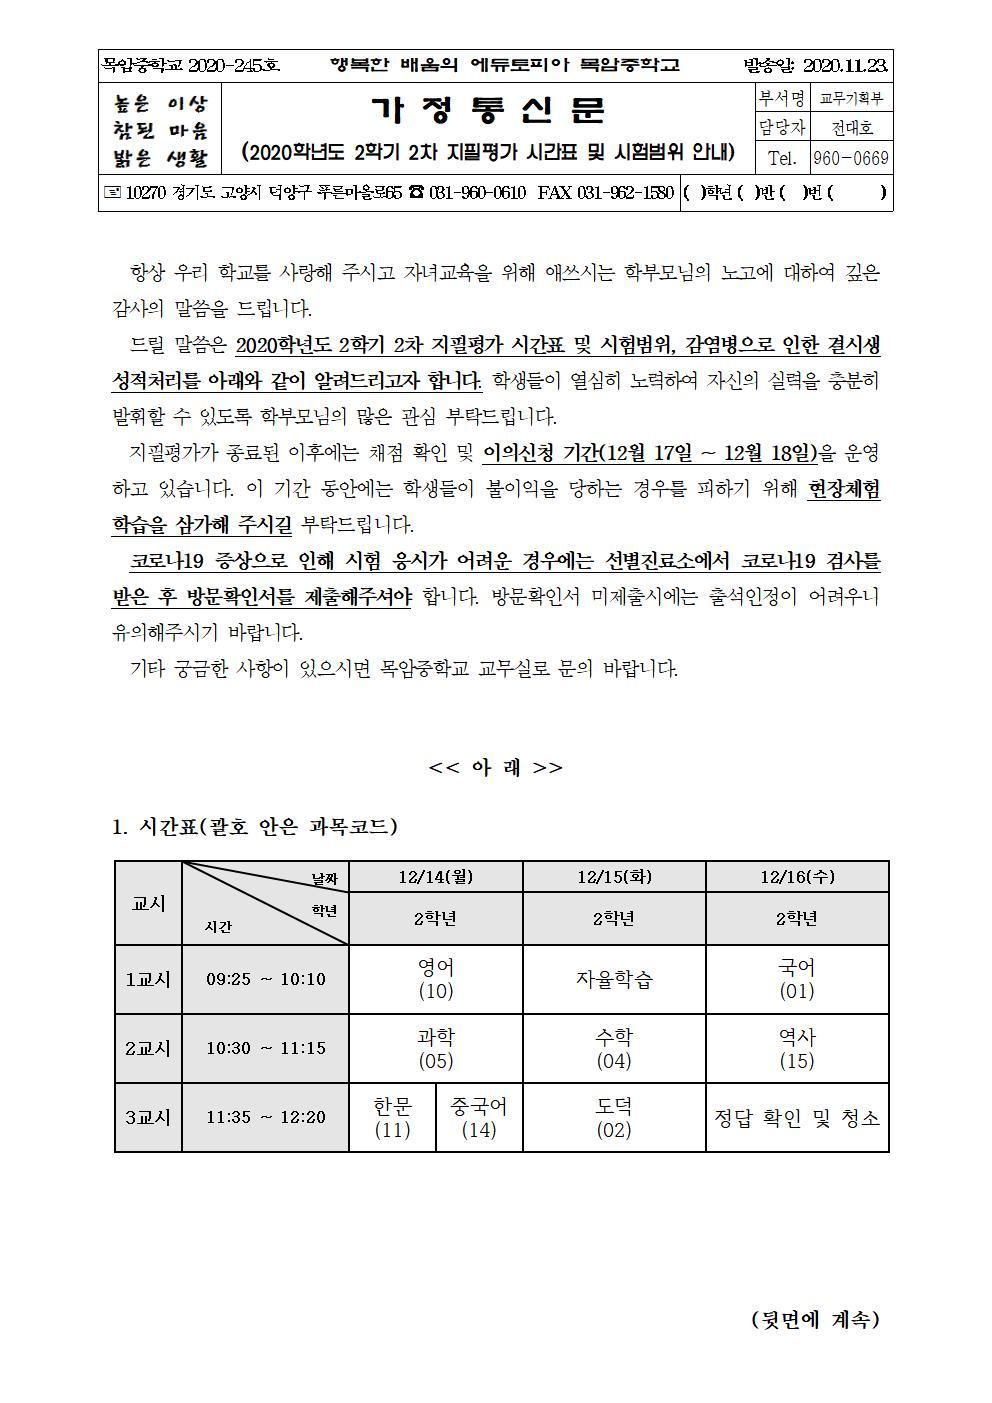 [일반] 2020학년도 2학년 2학기 지필평가 안내의 첨부이미지 1